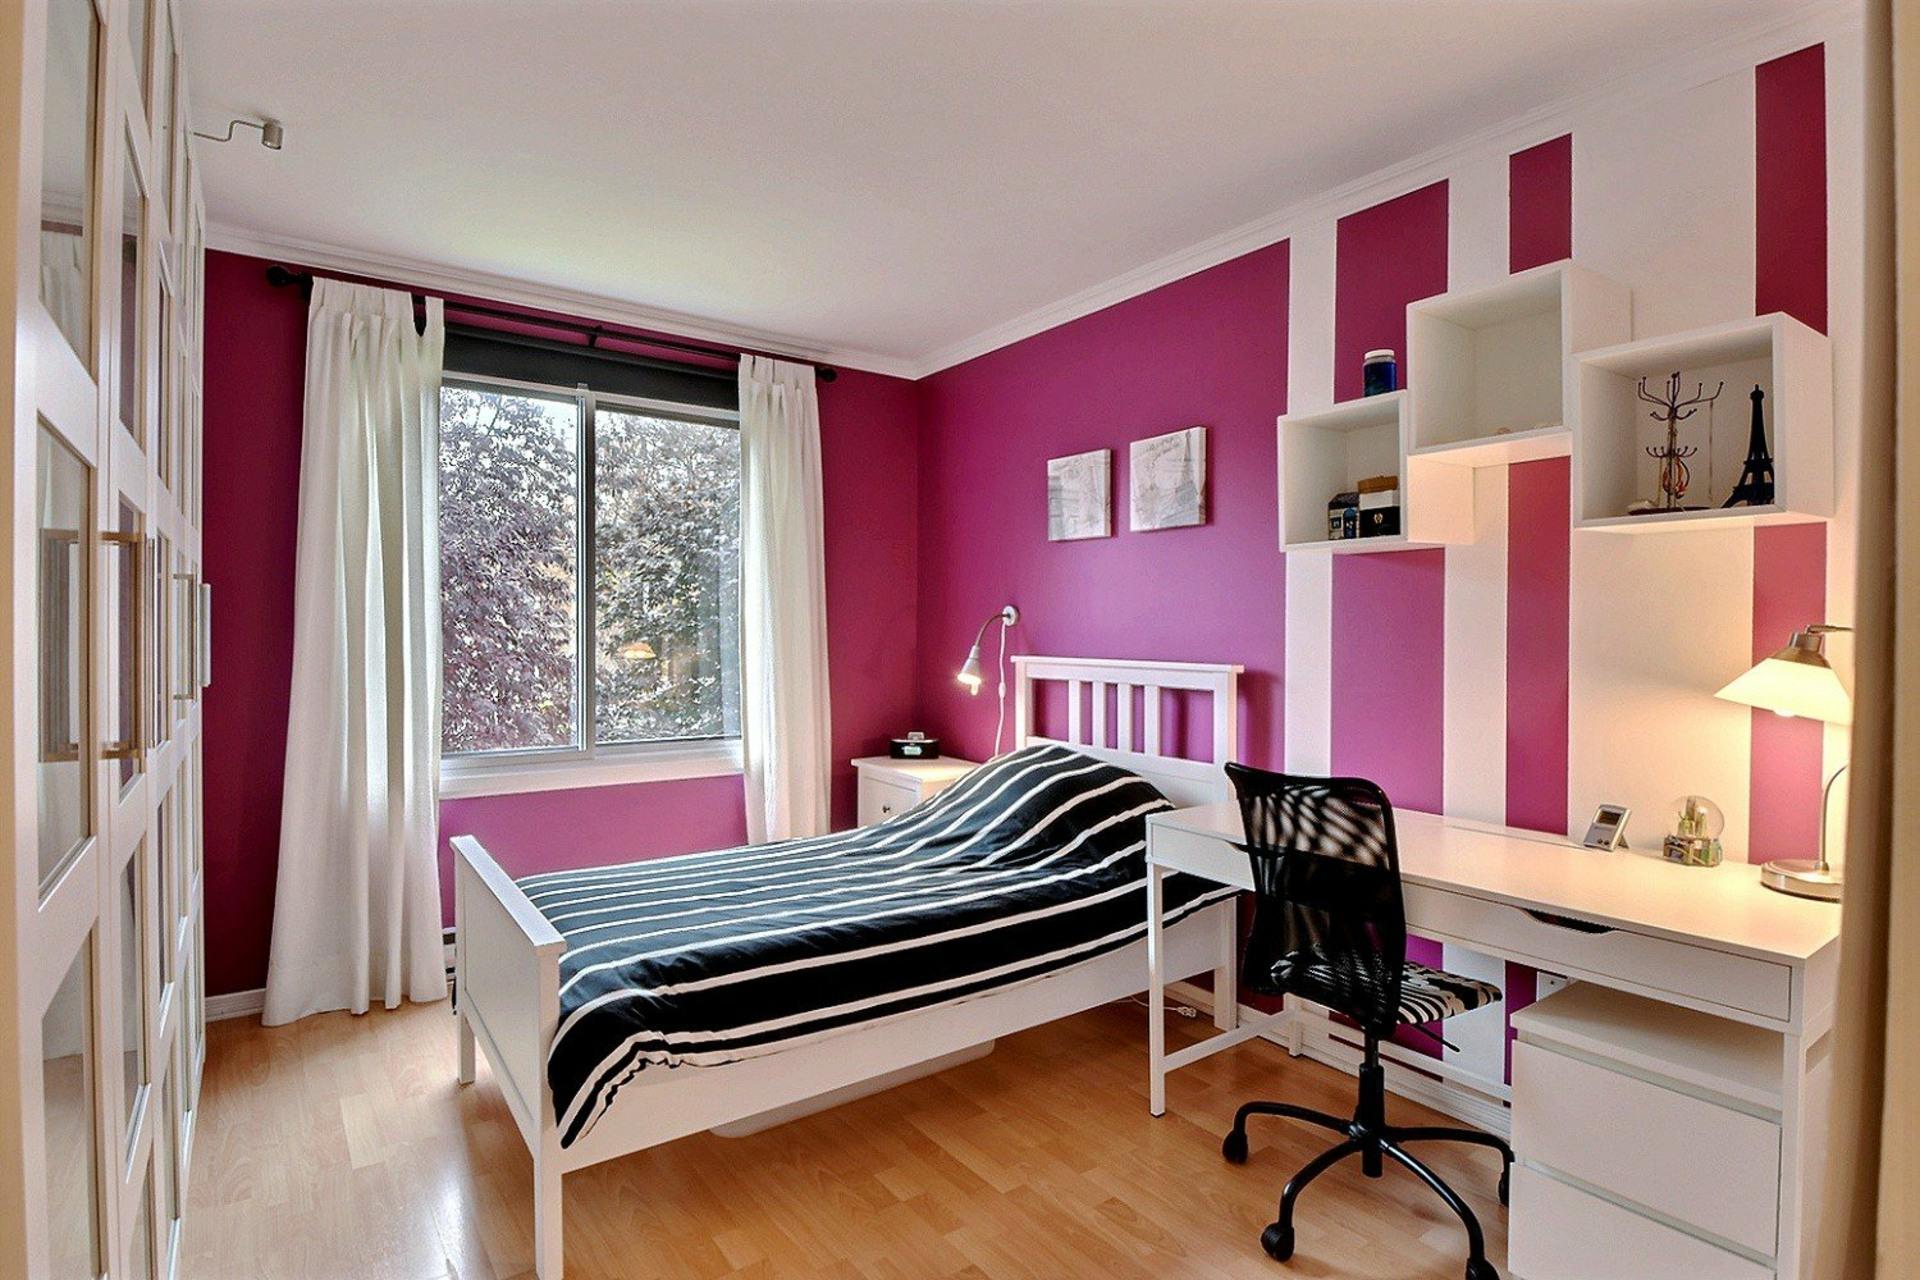 image 15 - Apartment For rent Montréal Le Sud-Ouest  - 5 rooms